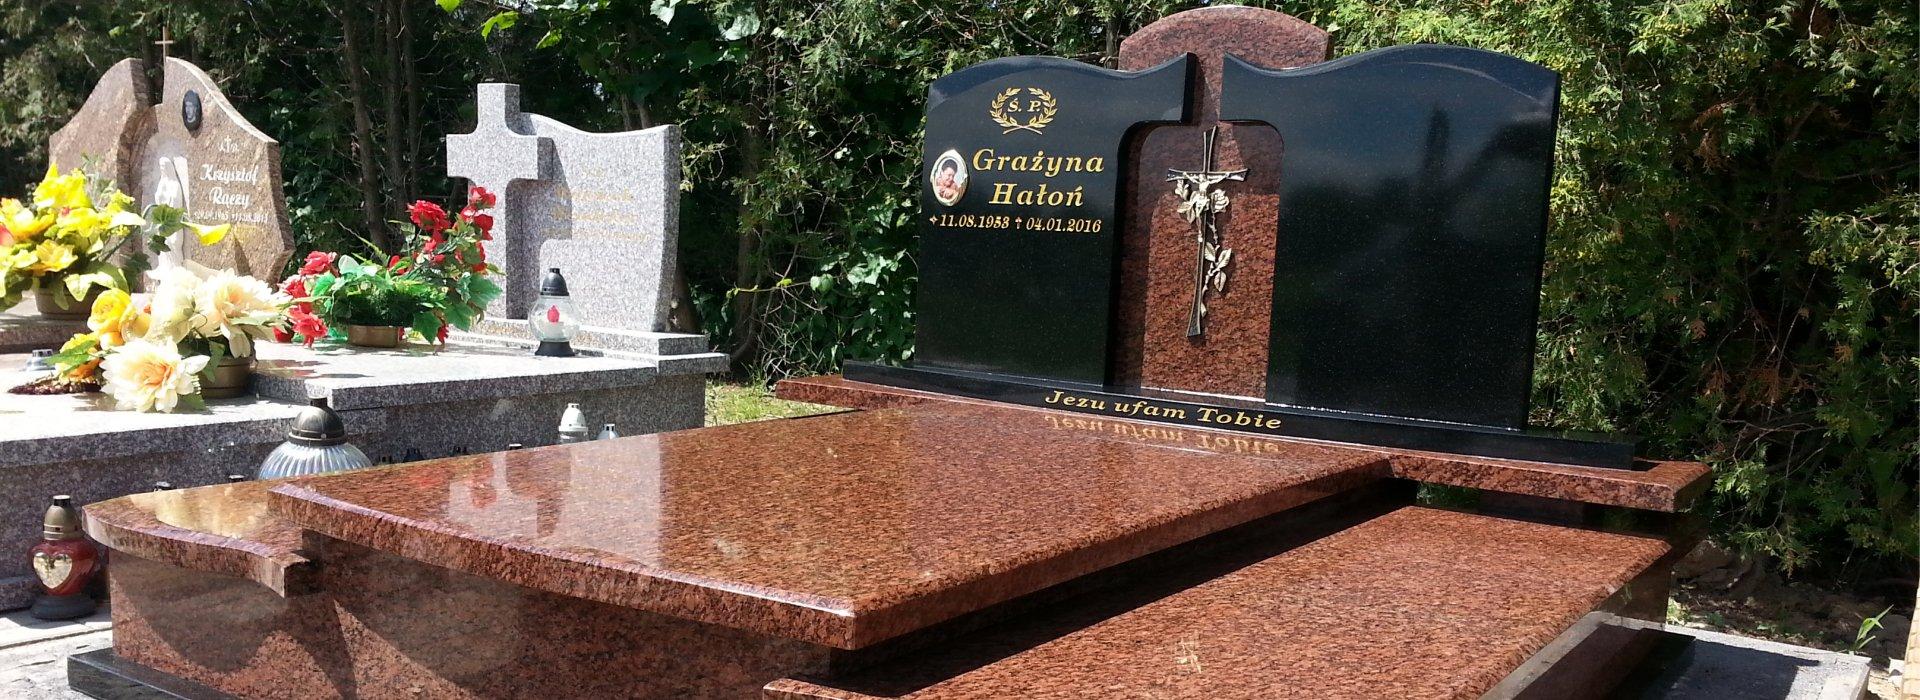 Nagrobki i grobowce 2 - Zakład Kamieniarski Orkus